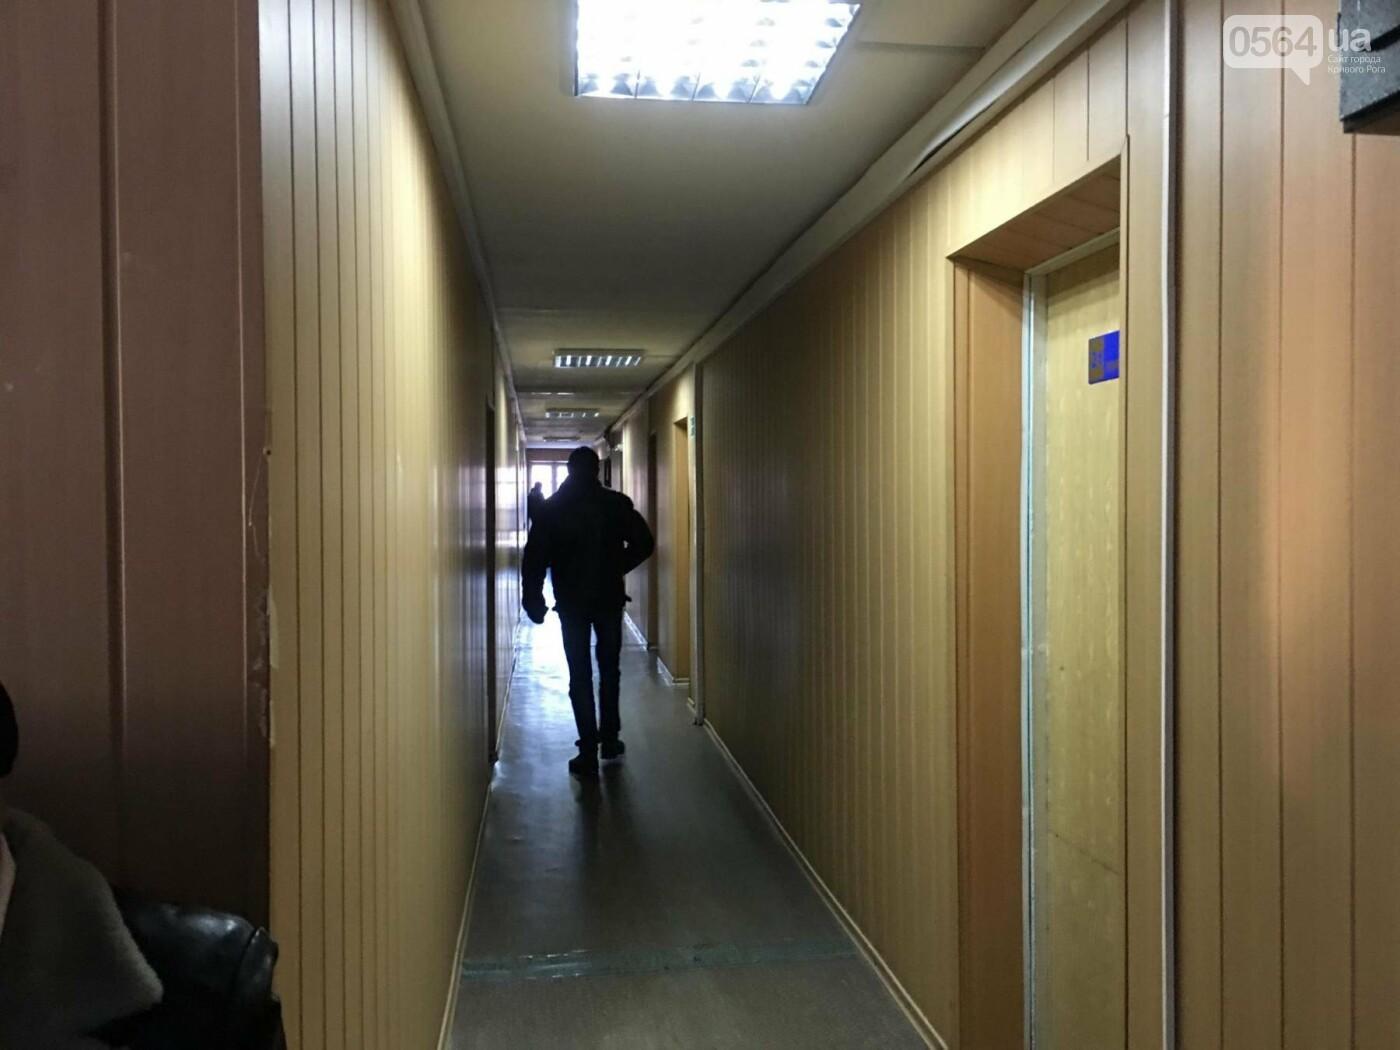 Дело о надругательстве над Флагом в Кривом Роге: Важного свидетеля доставят в суд принудительно (ОБНОВЛЕНО, ФОТО), фото-26